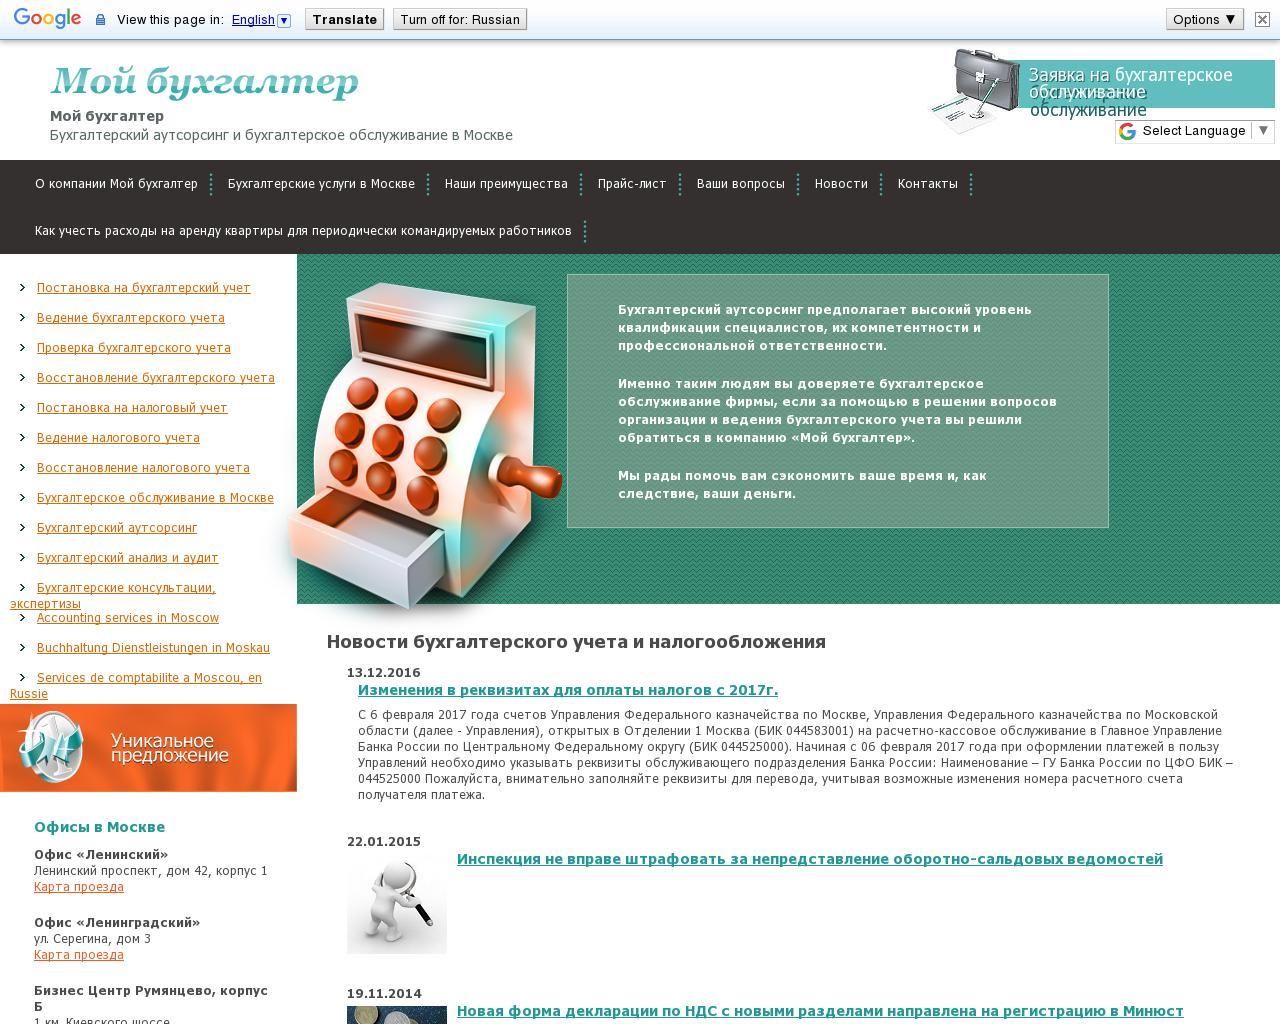 Вакансия бухгалтер румянцево бухгалтерские услуги усн в москве